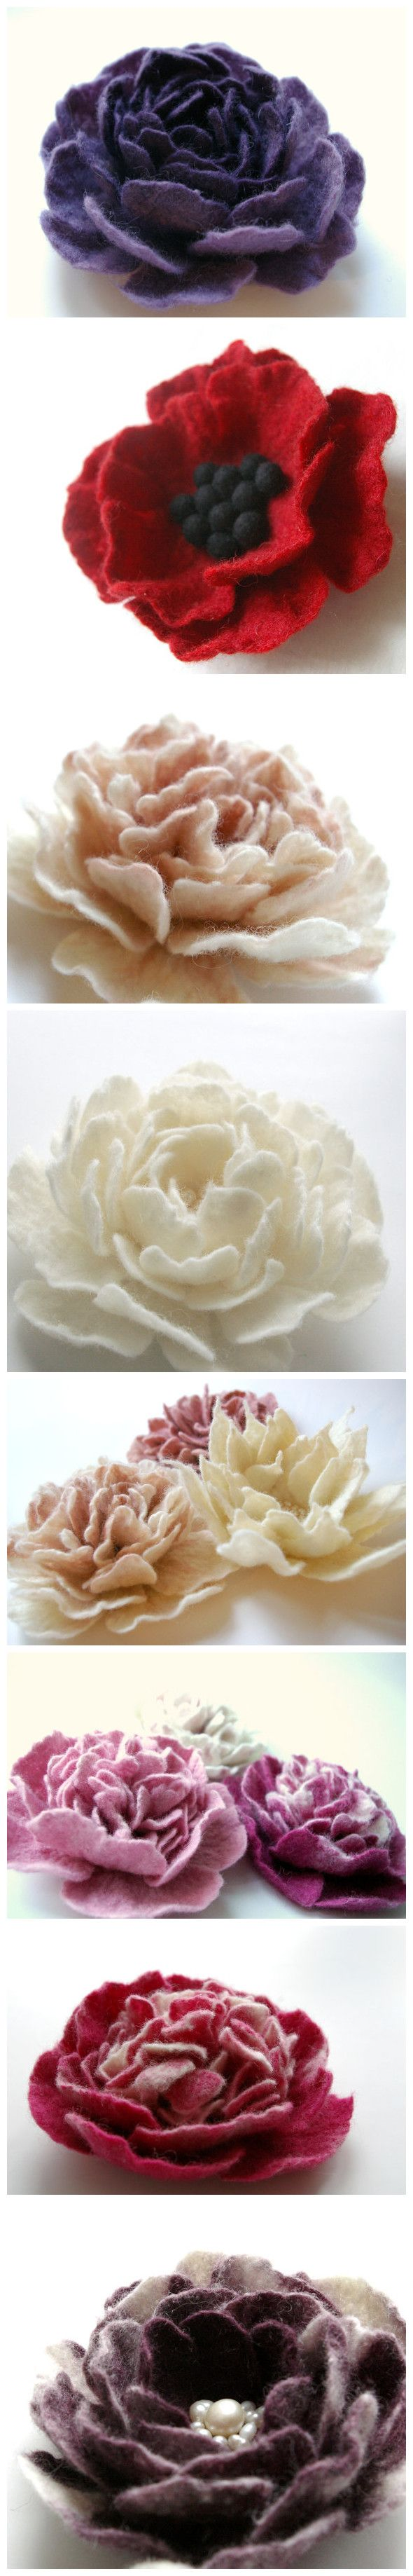 Flowers - Felt